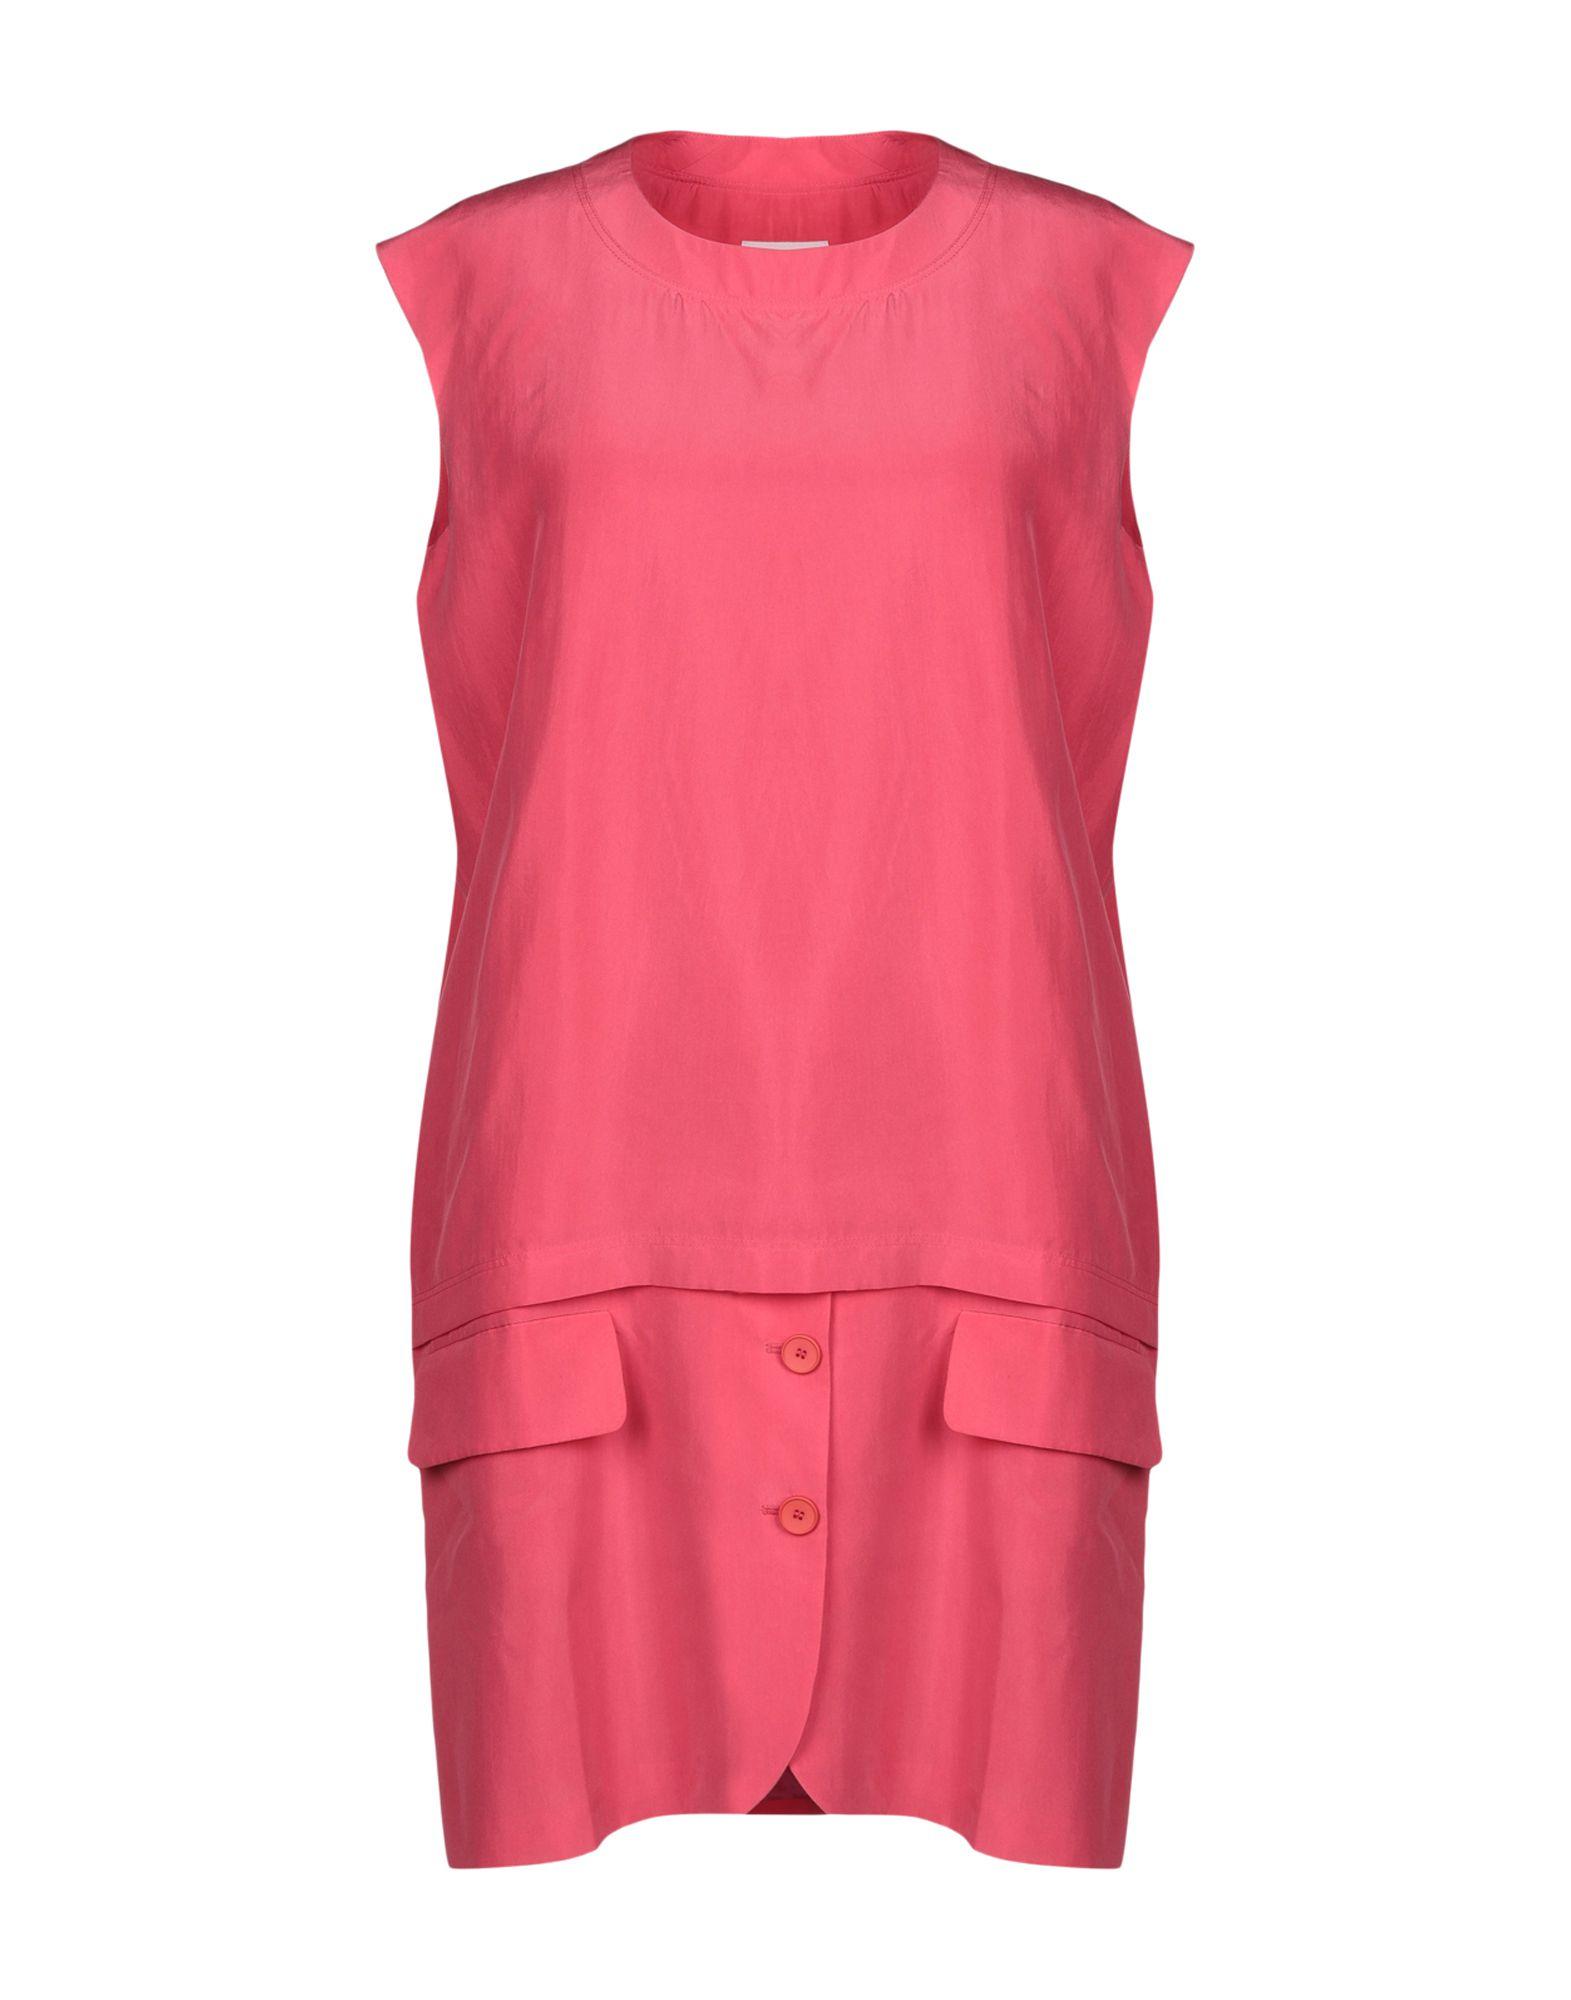 купить MM6 MAISON MARGIELA Короткое платье по цене 23500 рублей